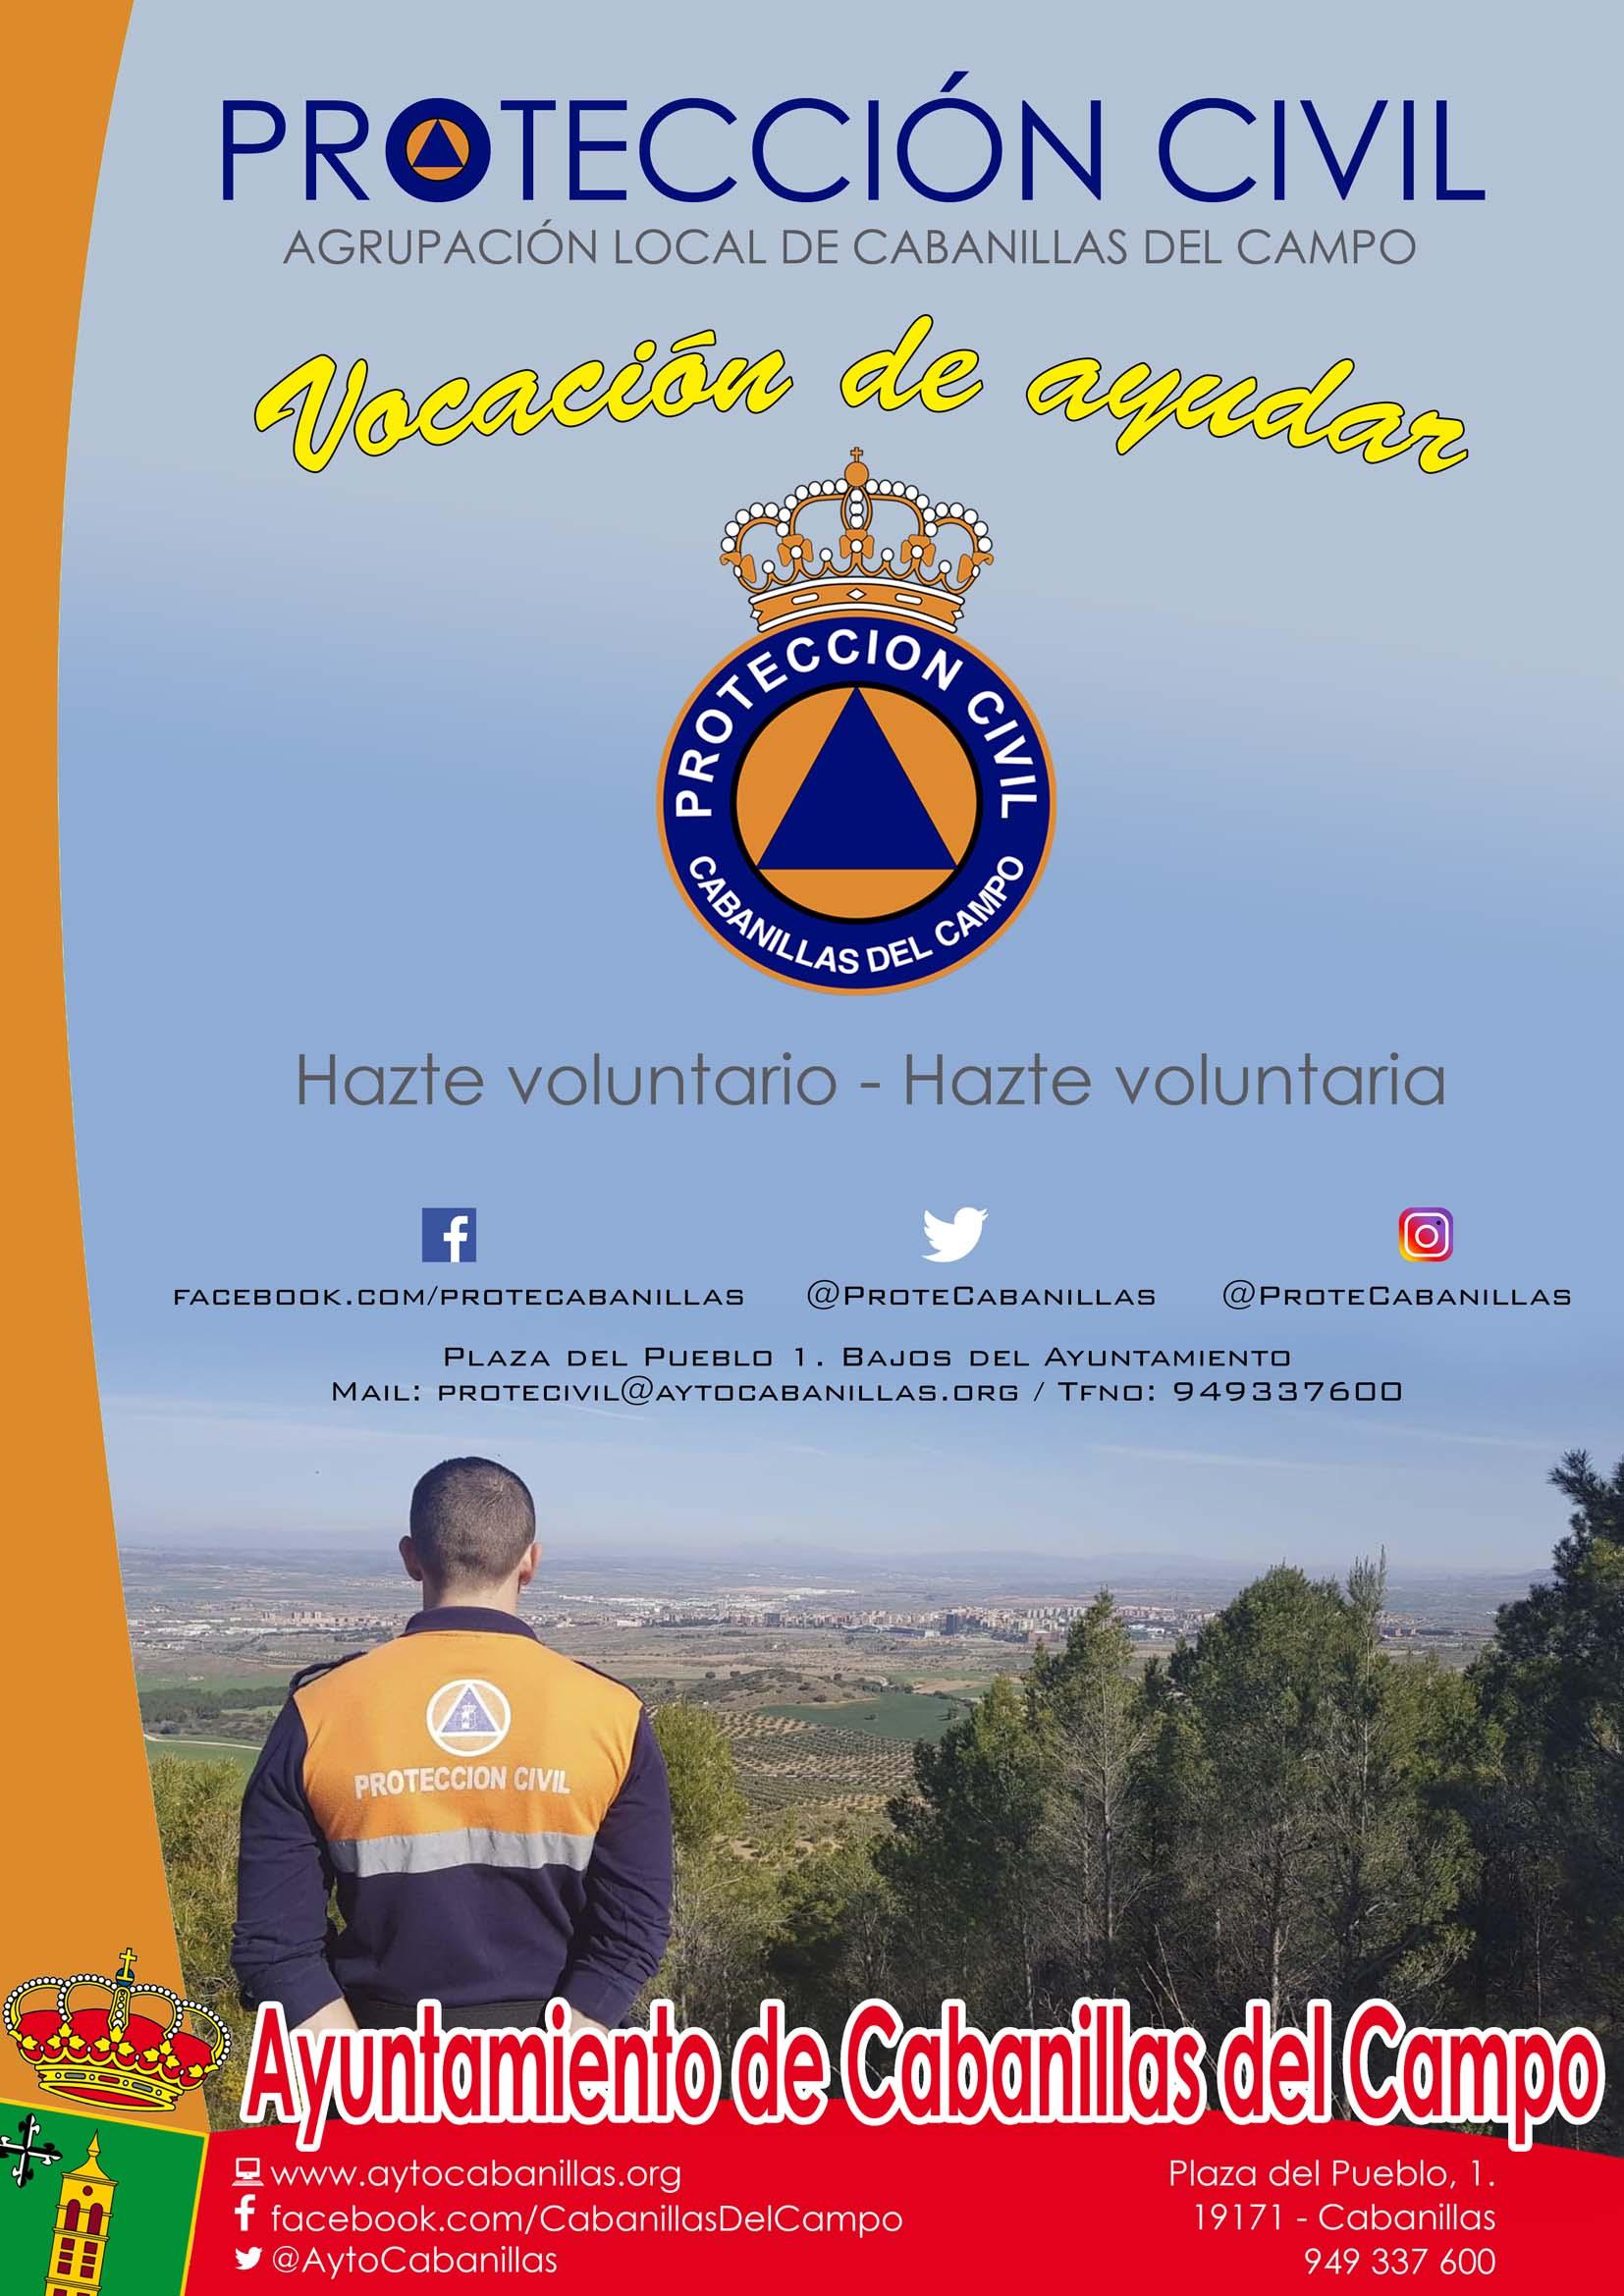 CARTEL PROTECCION CIVIL WEB